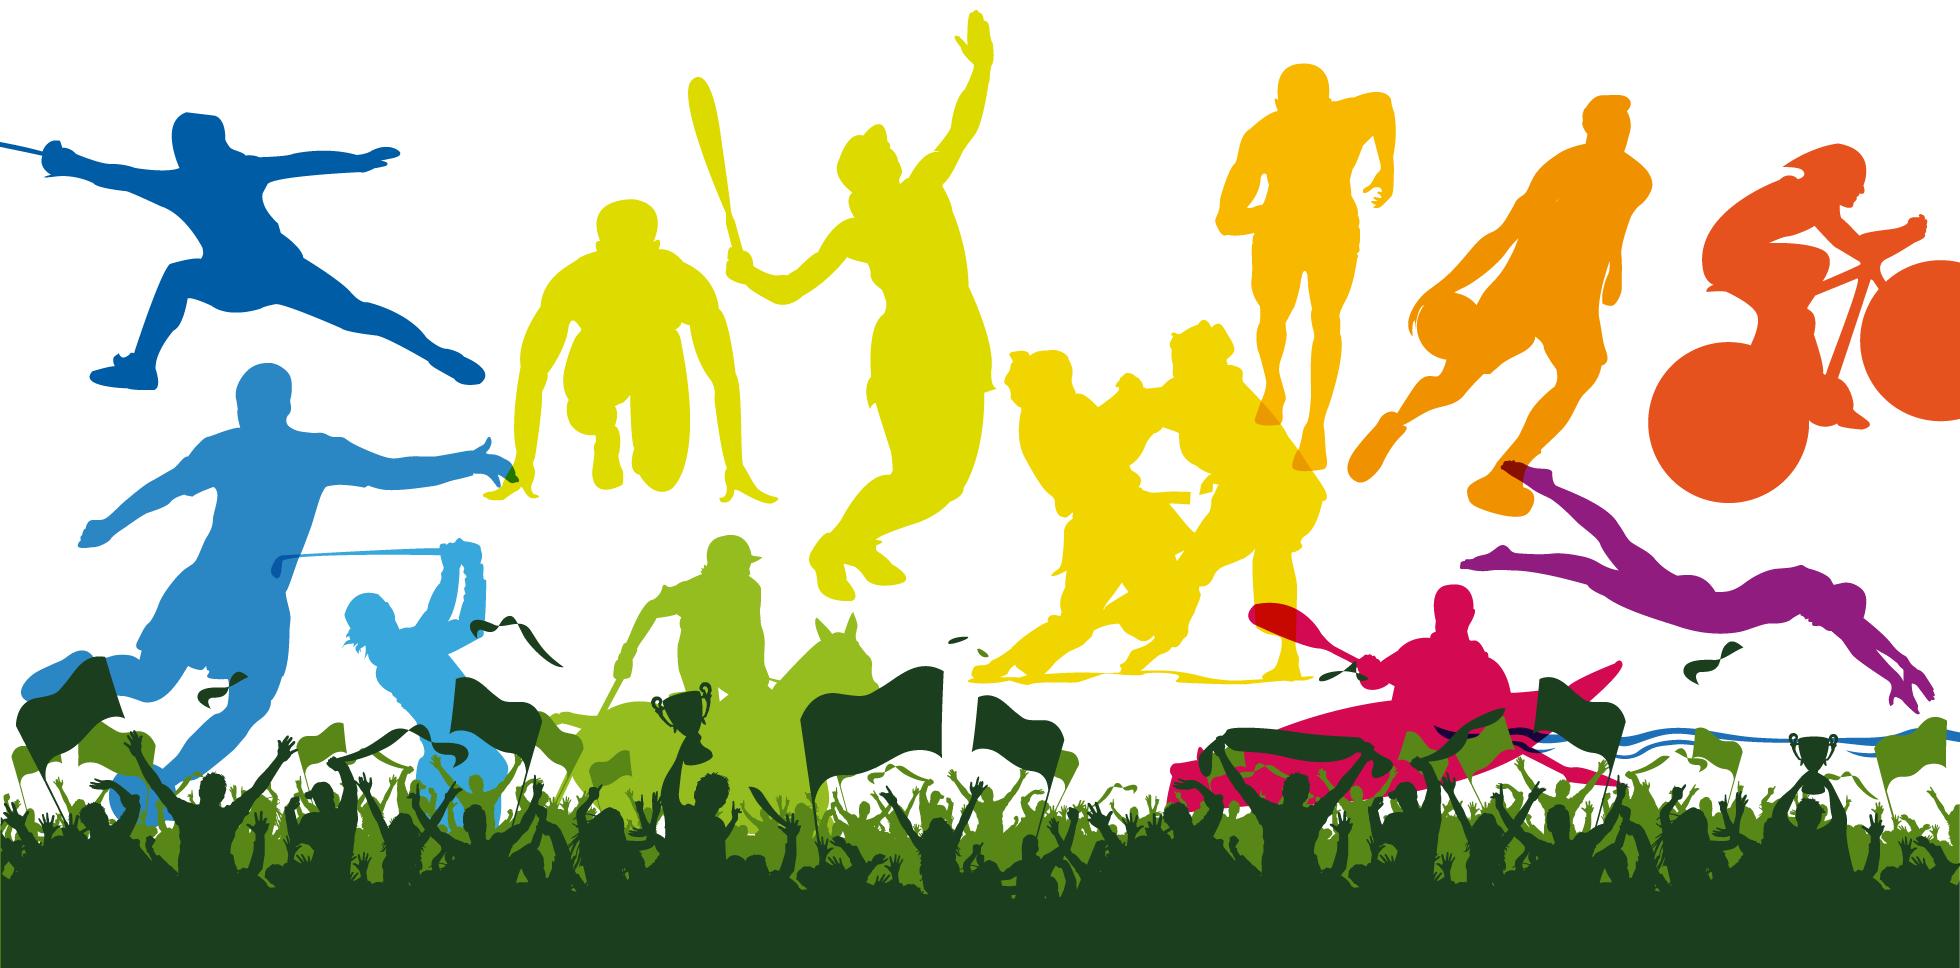 アスリートと競技関係者のための「アンチ・ドーピング情報コーナー」がオープン!